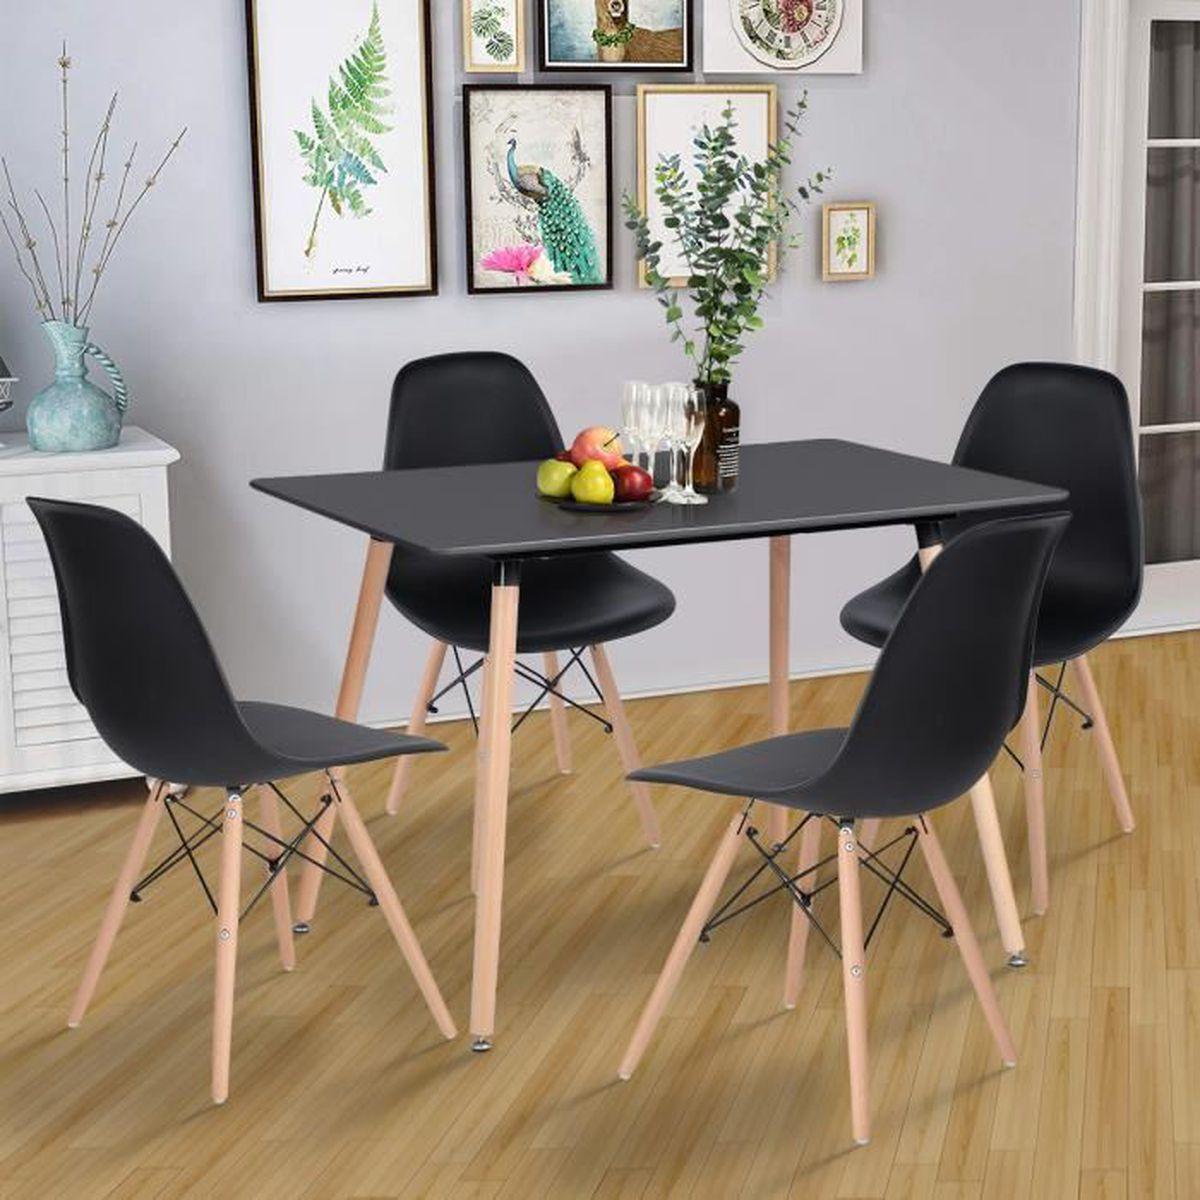 ronde et noir Table bois SqMVpUz